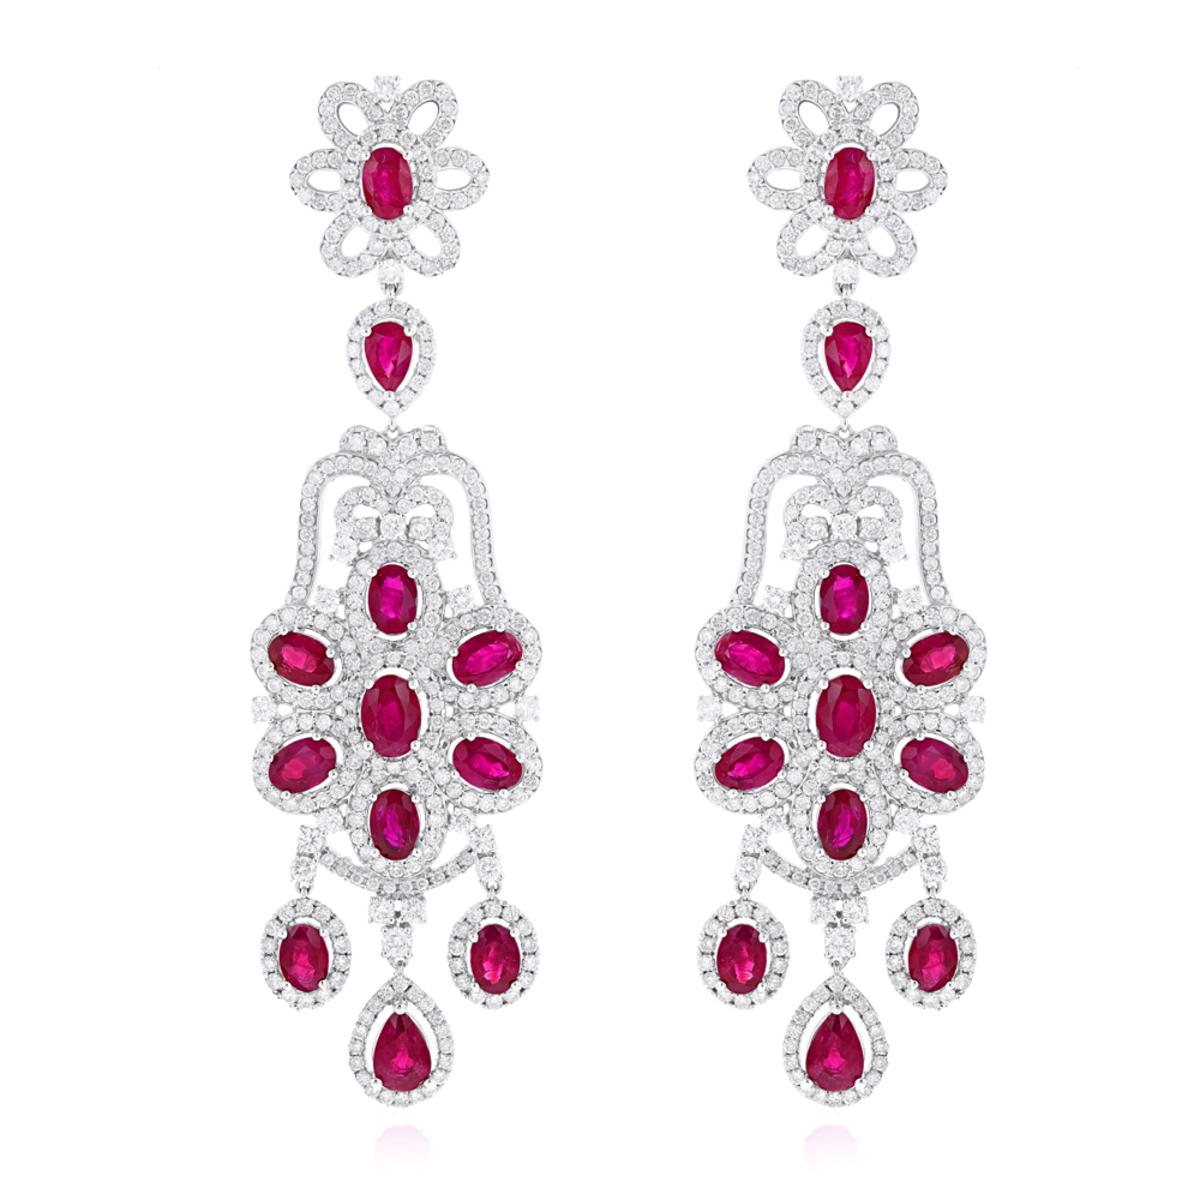 Designer Jewelry: Chandelier Ruby Diamond Earrings By Luxurman 14K Gold